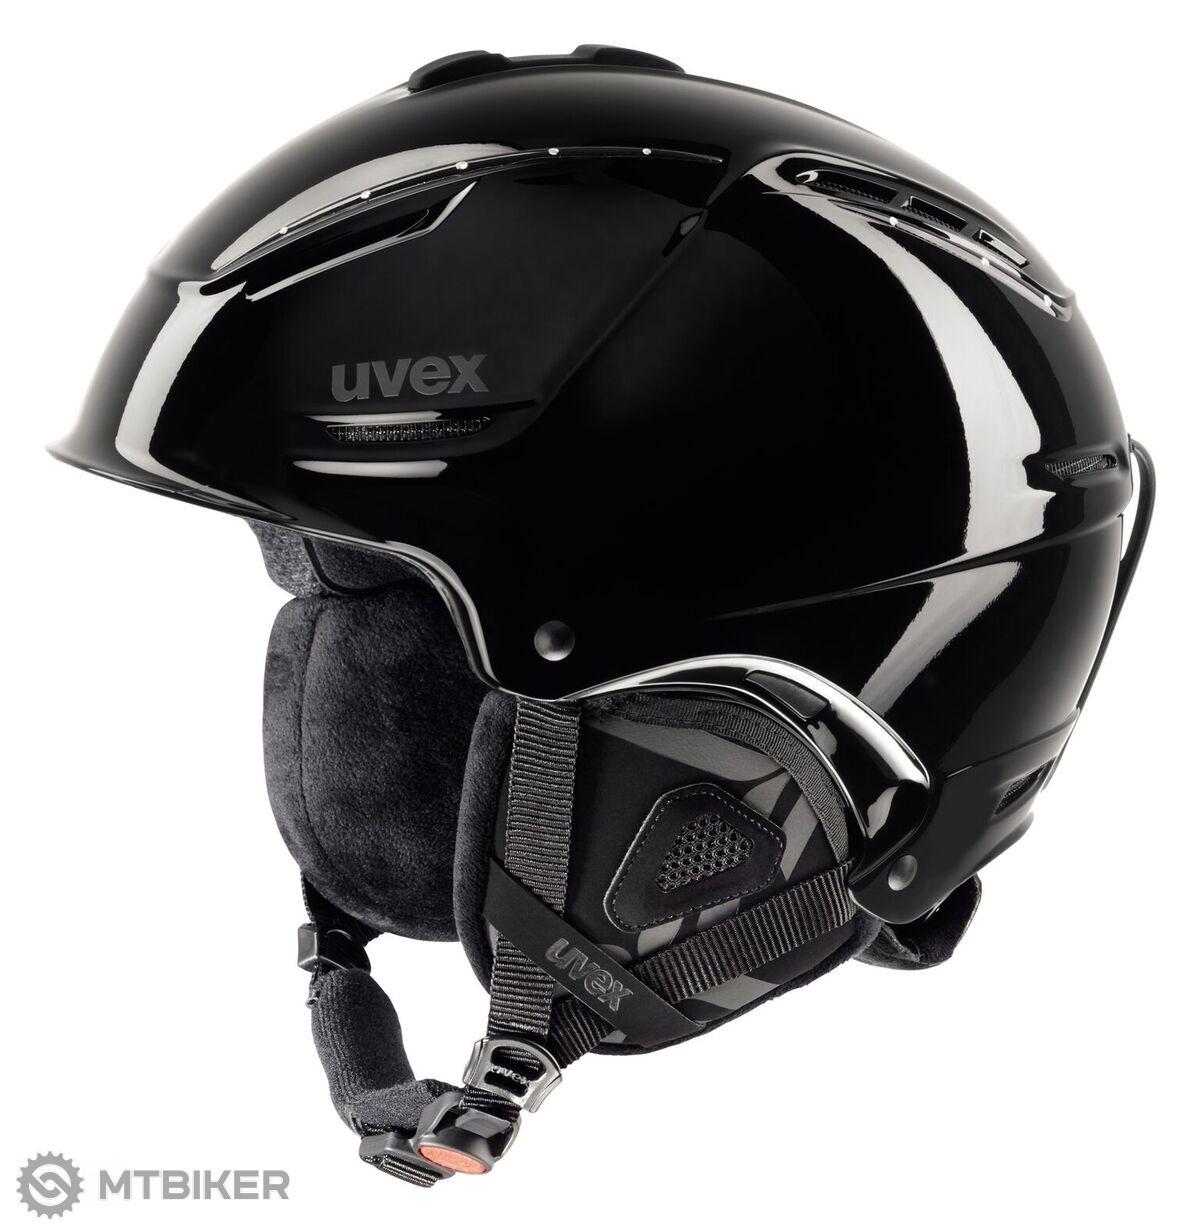 Uvex P1US GEM WL S566194200 lyžiarska helma uni - MTBIKER Shop 32d4afb0cf4